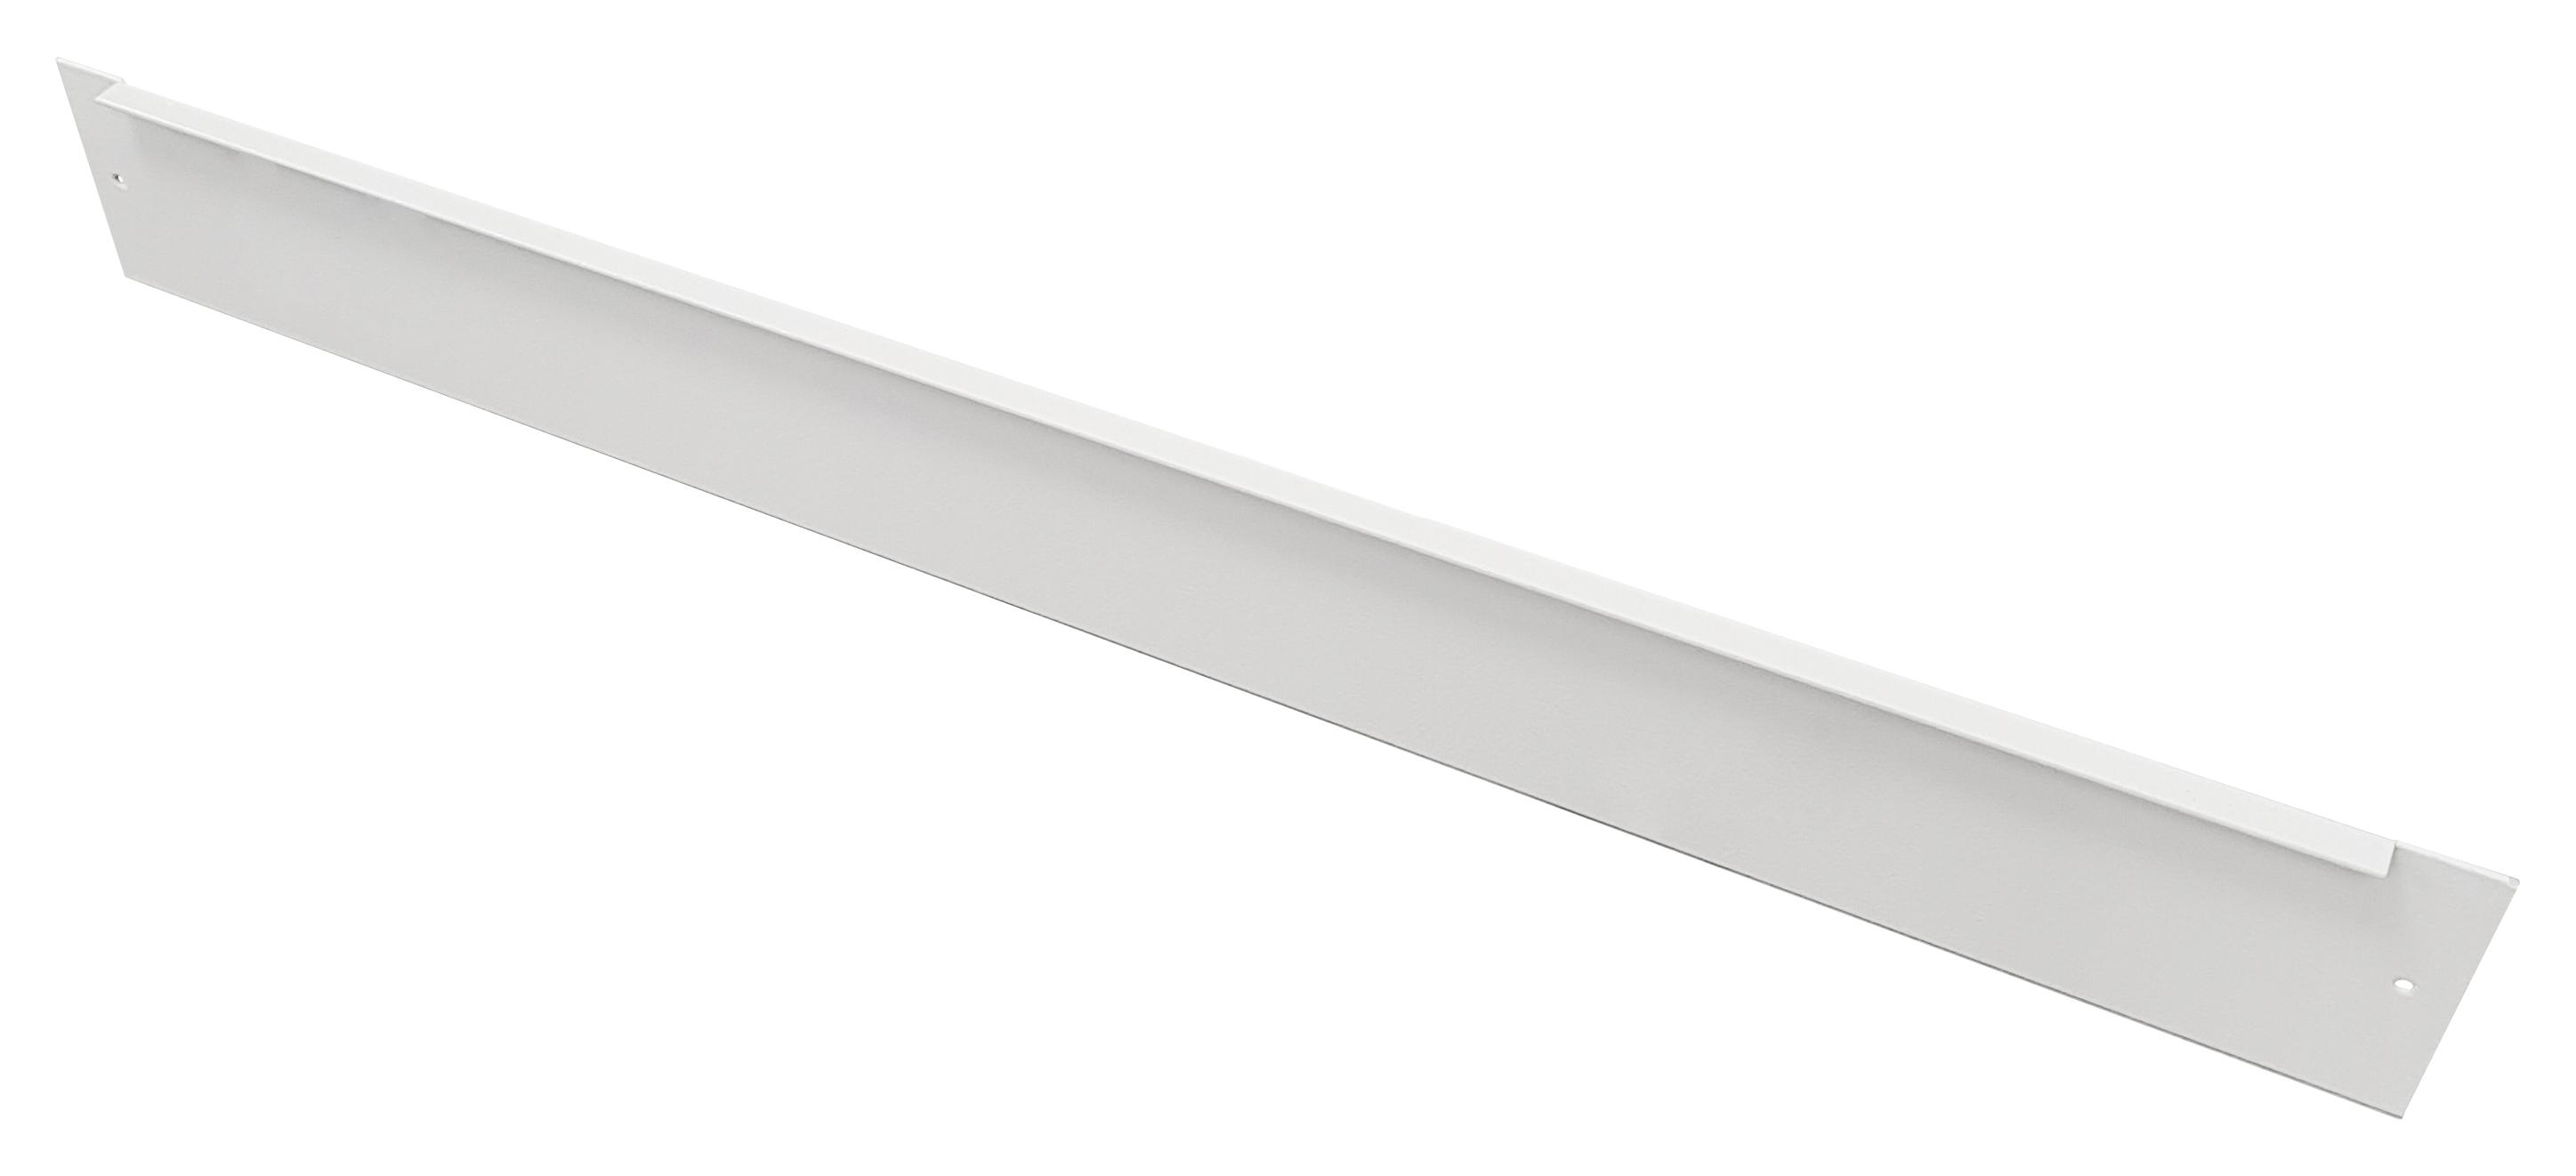 1 Stk Sockel-Frontrahmen für AP-Verteiler Breite 1 IL091100--